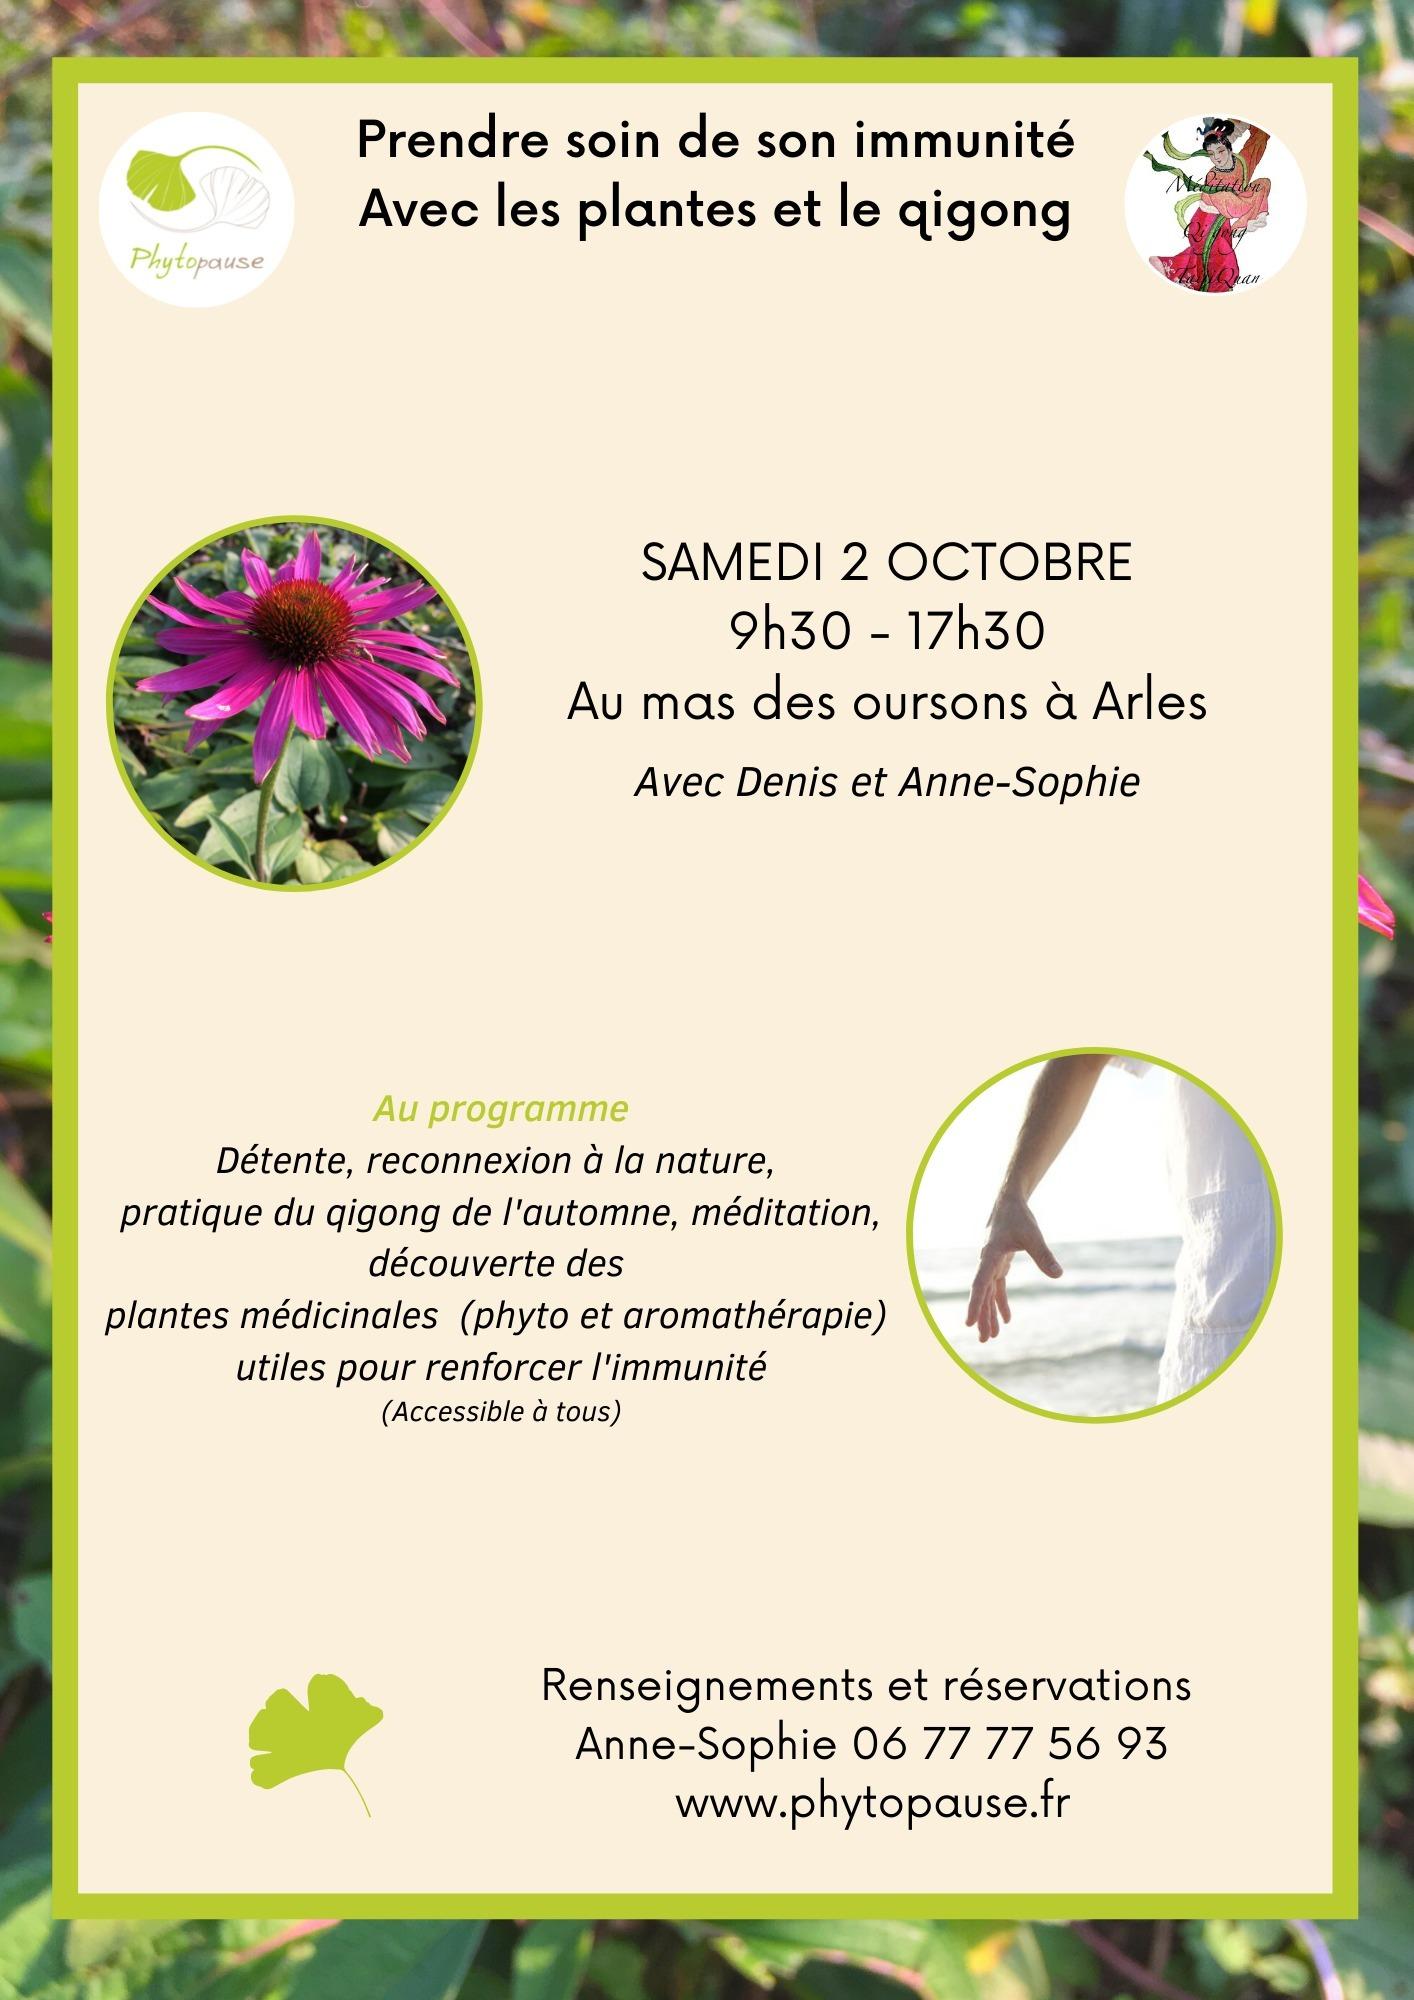 Une journée détente dans un cadre magnifique à Arles, pour explorer les bienfaits de la phytothérapie et du Qigong avec Anne-Sophie et Denis.